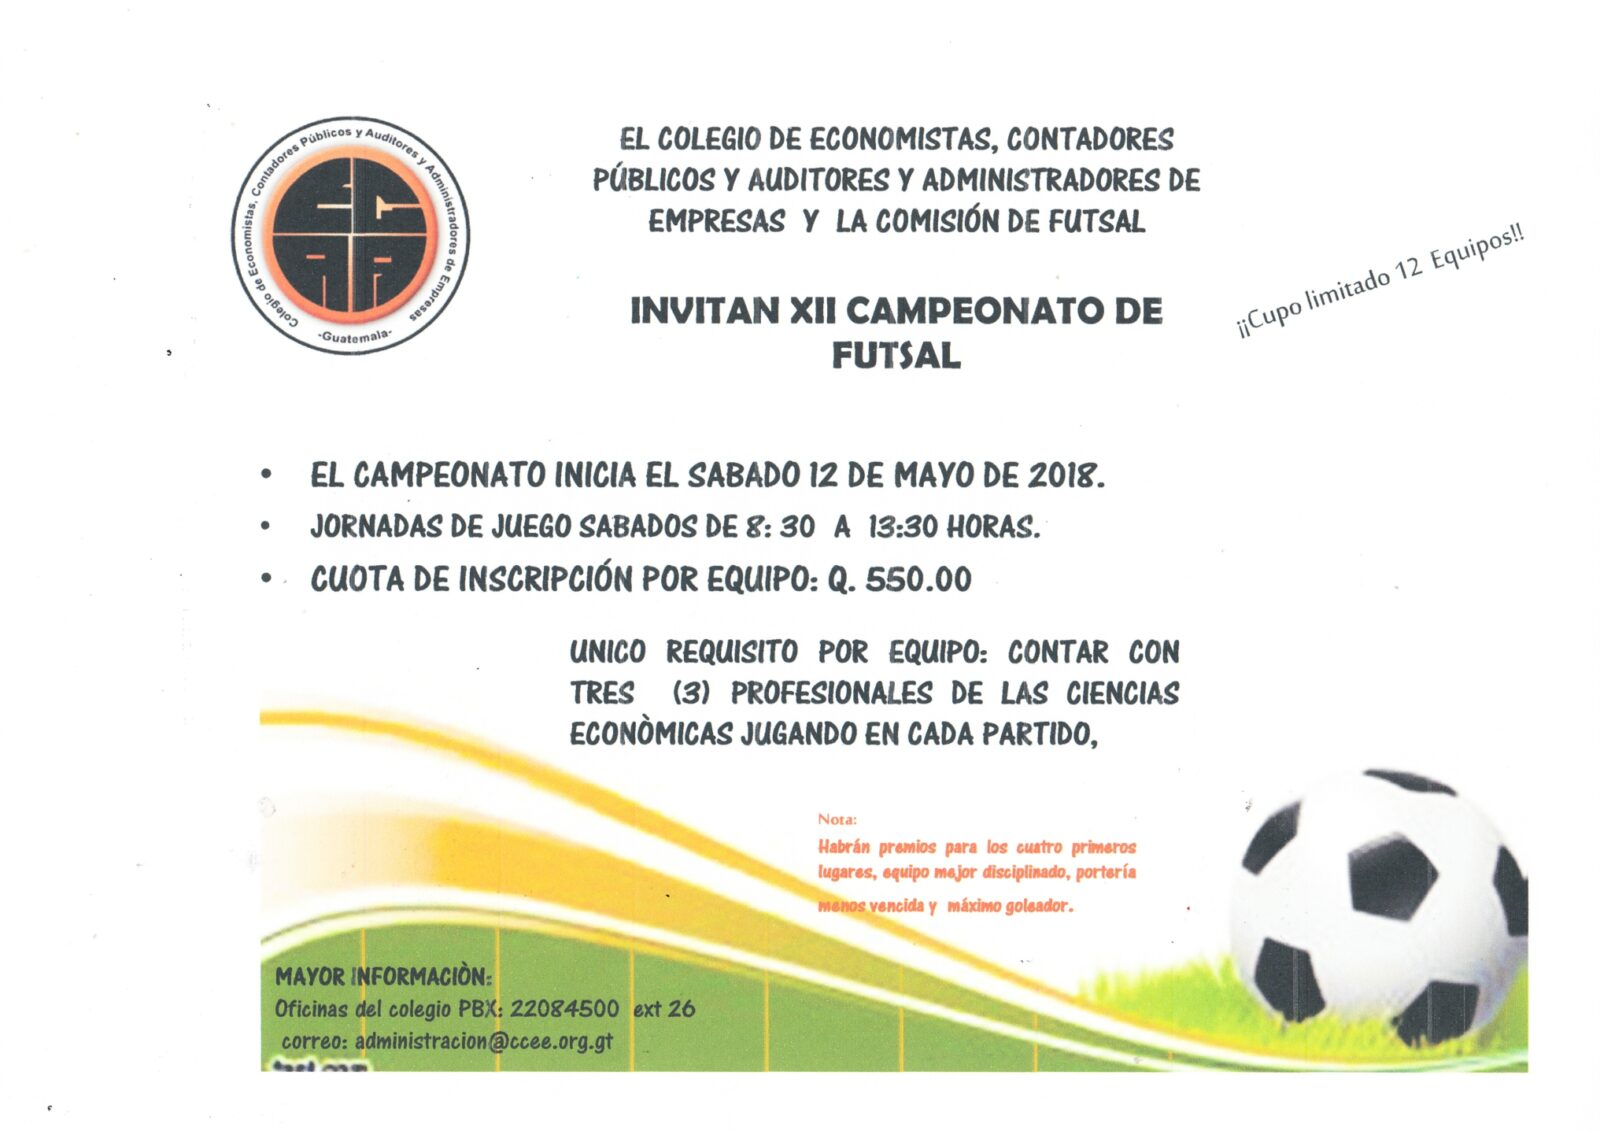 XII CAMPEONATO DE FUTSAL, CUPO LIMITADO